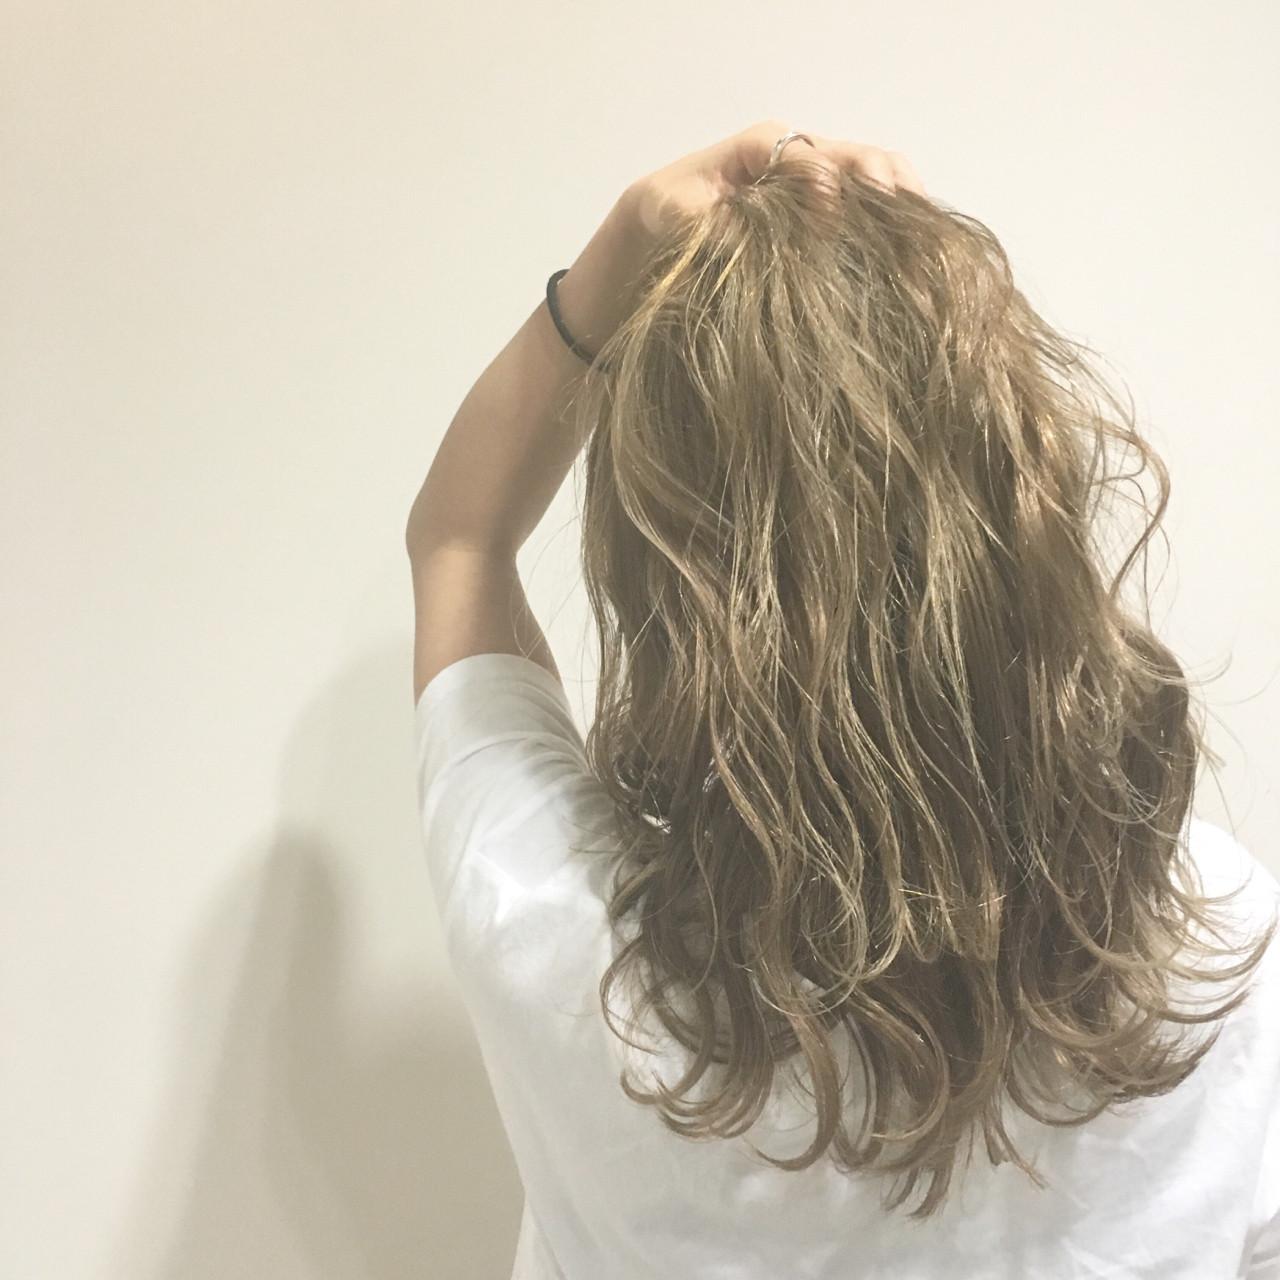 セミロング ストリート ヘアアレンジ ウェットヘア ヘアスタイルや髪型の写真・画像